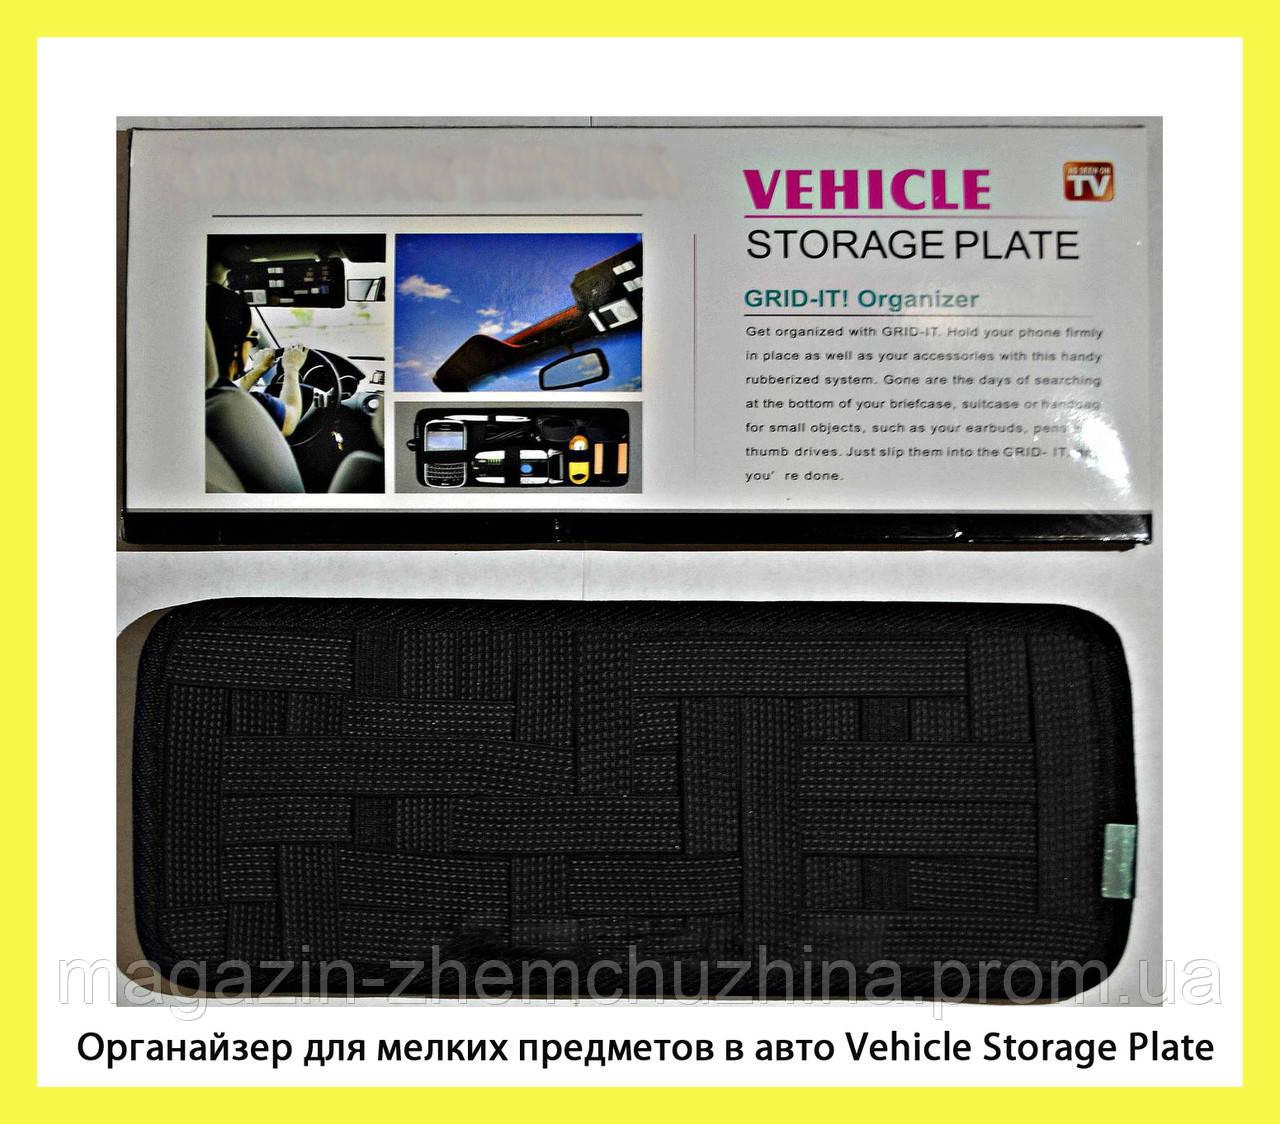 """Органайзер для мелких предметов в авто Vehicle Storage Plate!Опт - Магазин """"Жемчужина"""" в Черноморске"""